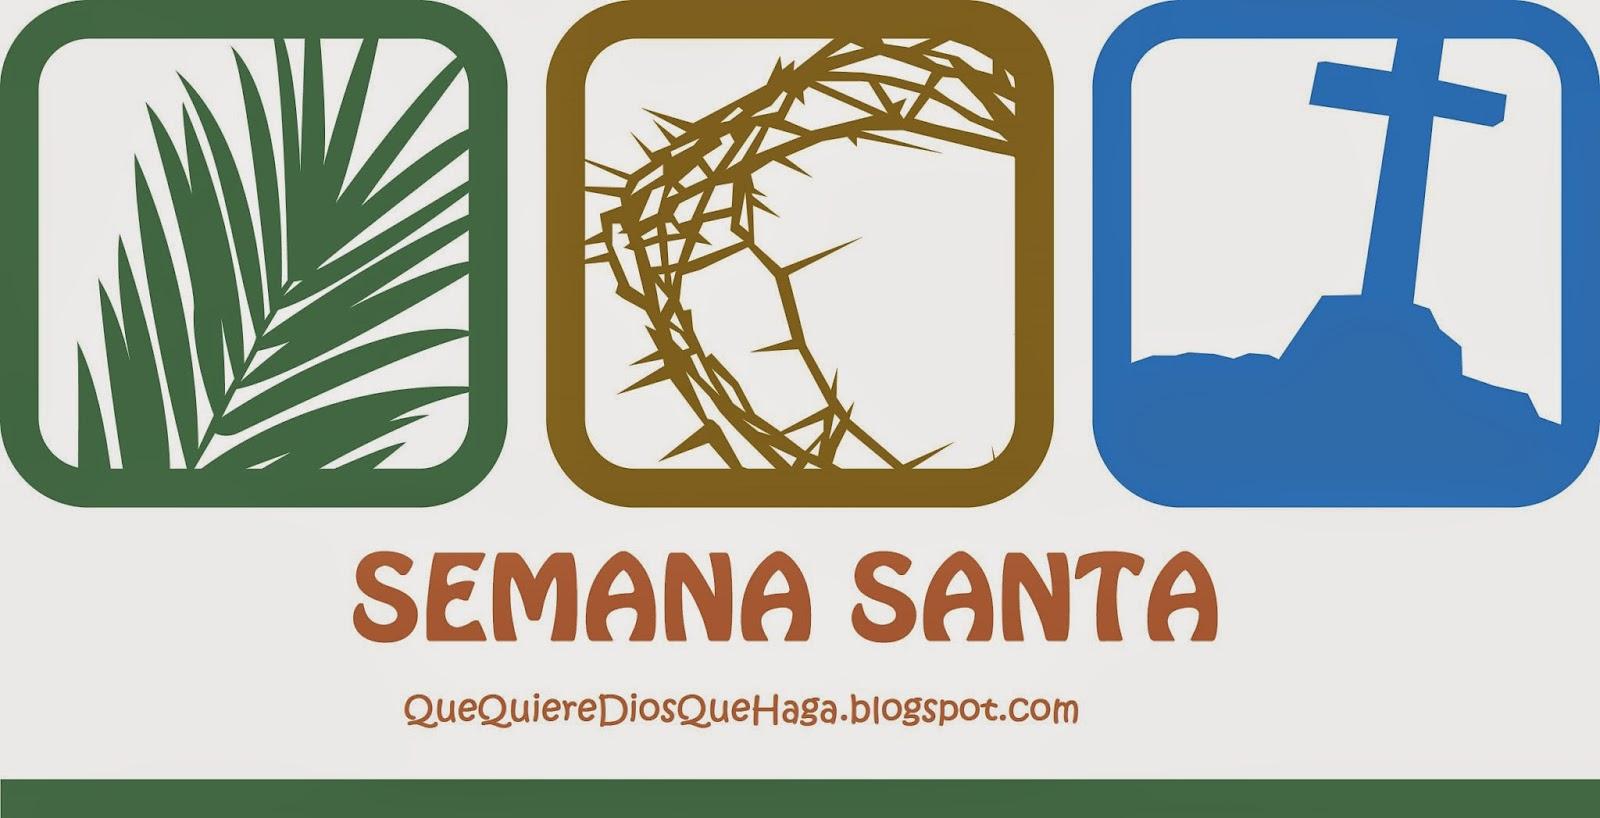 QUE QUIERE DIOS QUE HAGA EN SEMANA SANTA - QUE COMER EN SEMANA SANTA